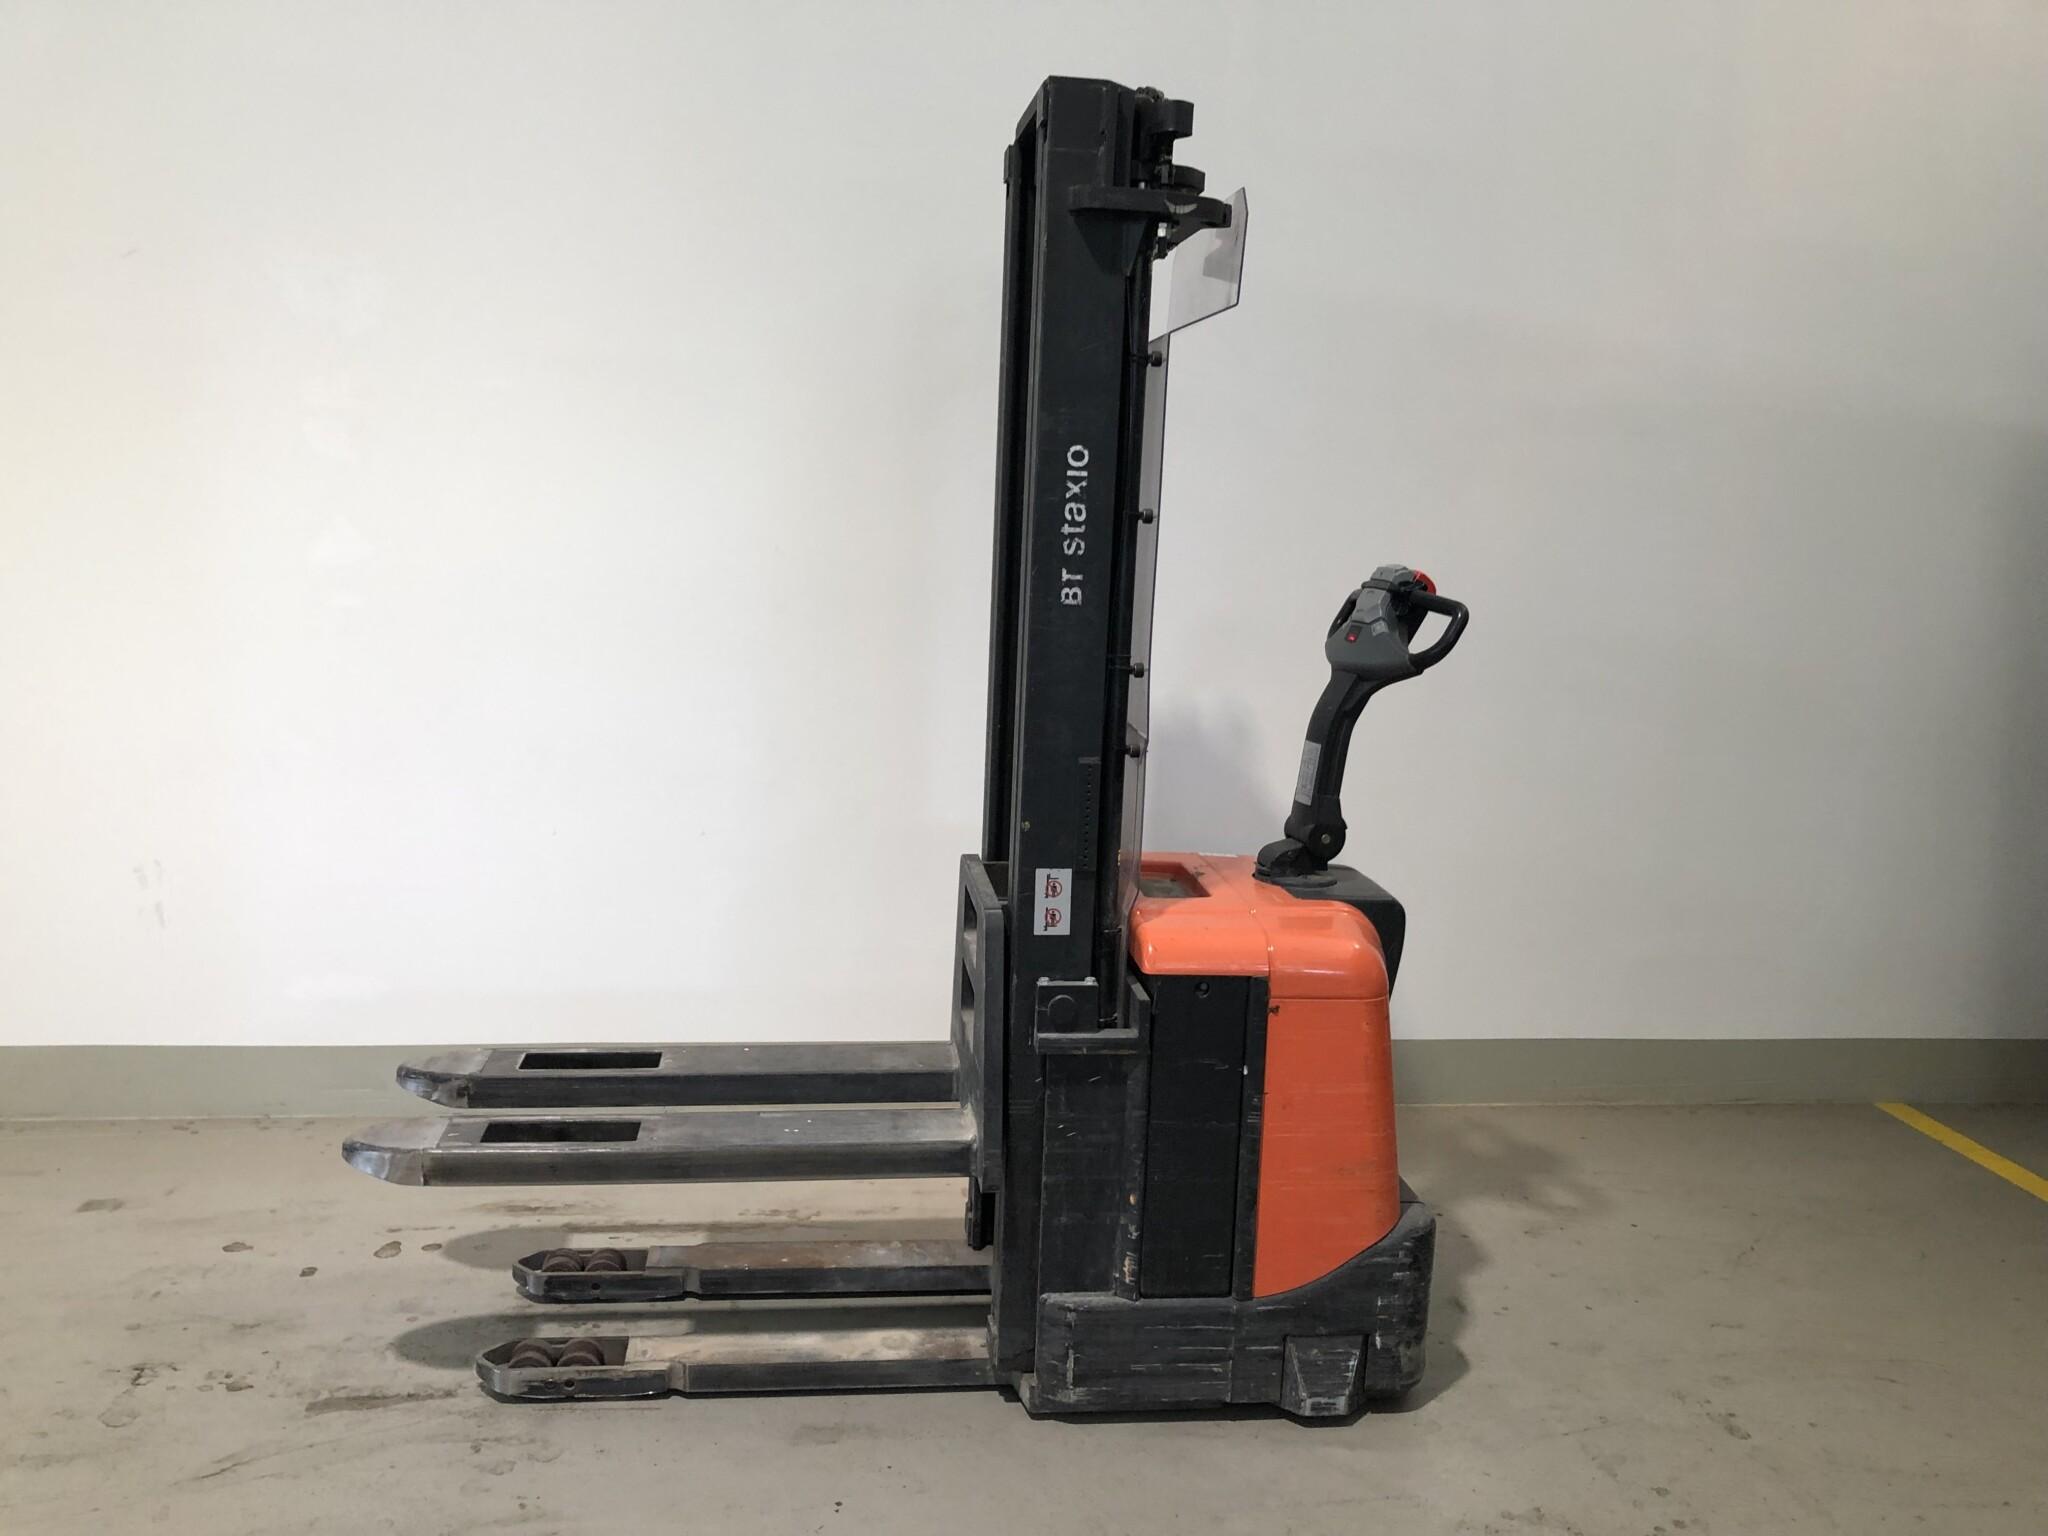 Toyota-Gabelstapler-59840 1403030427 1 scaled